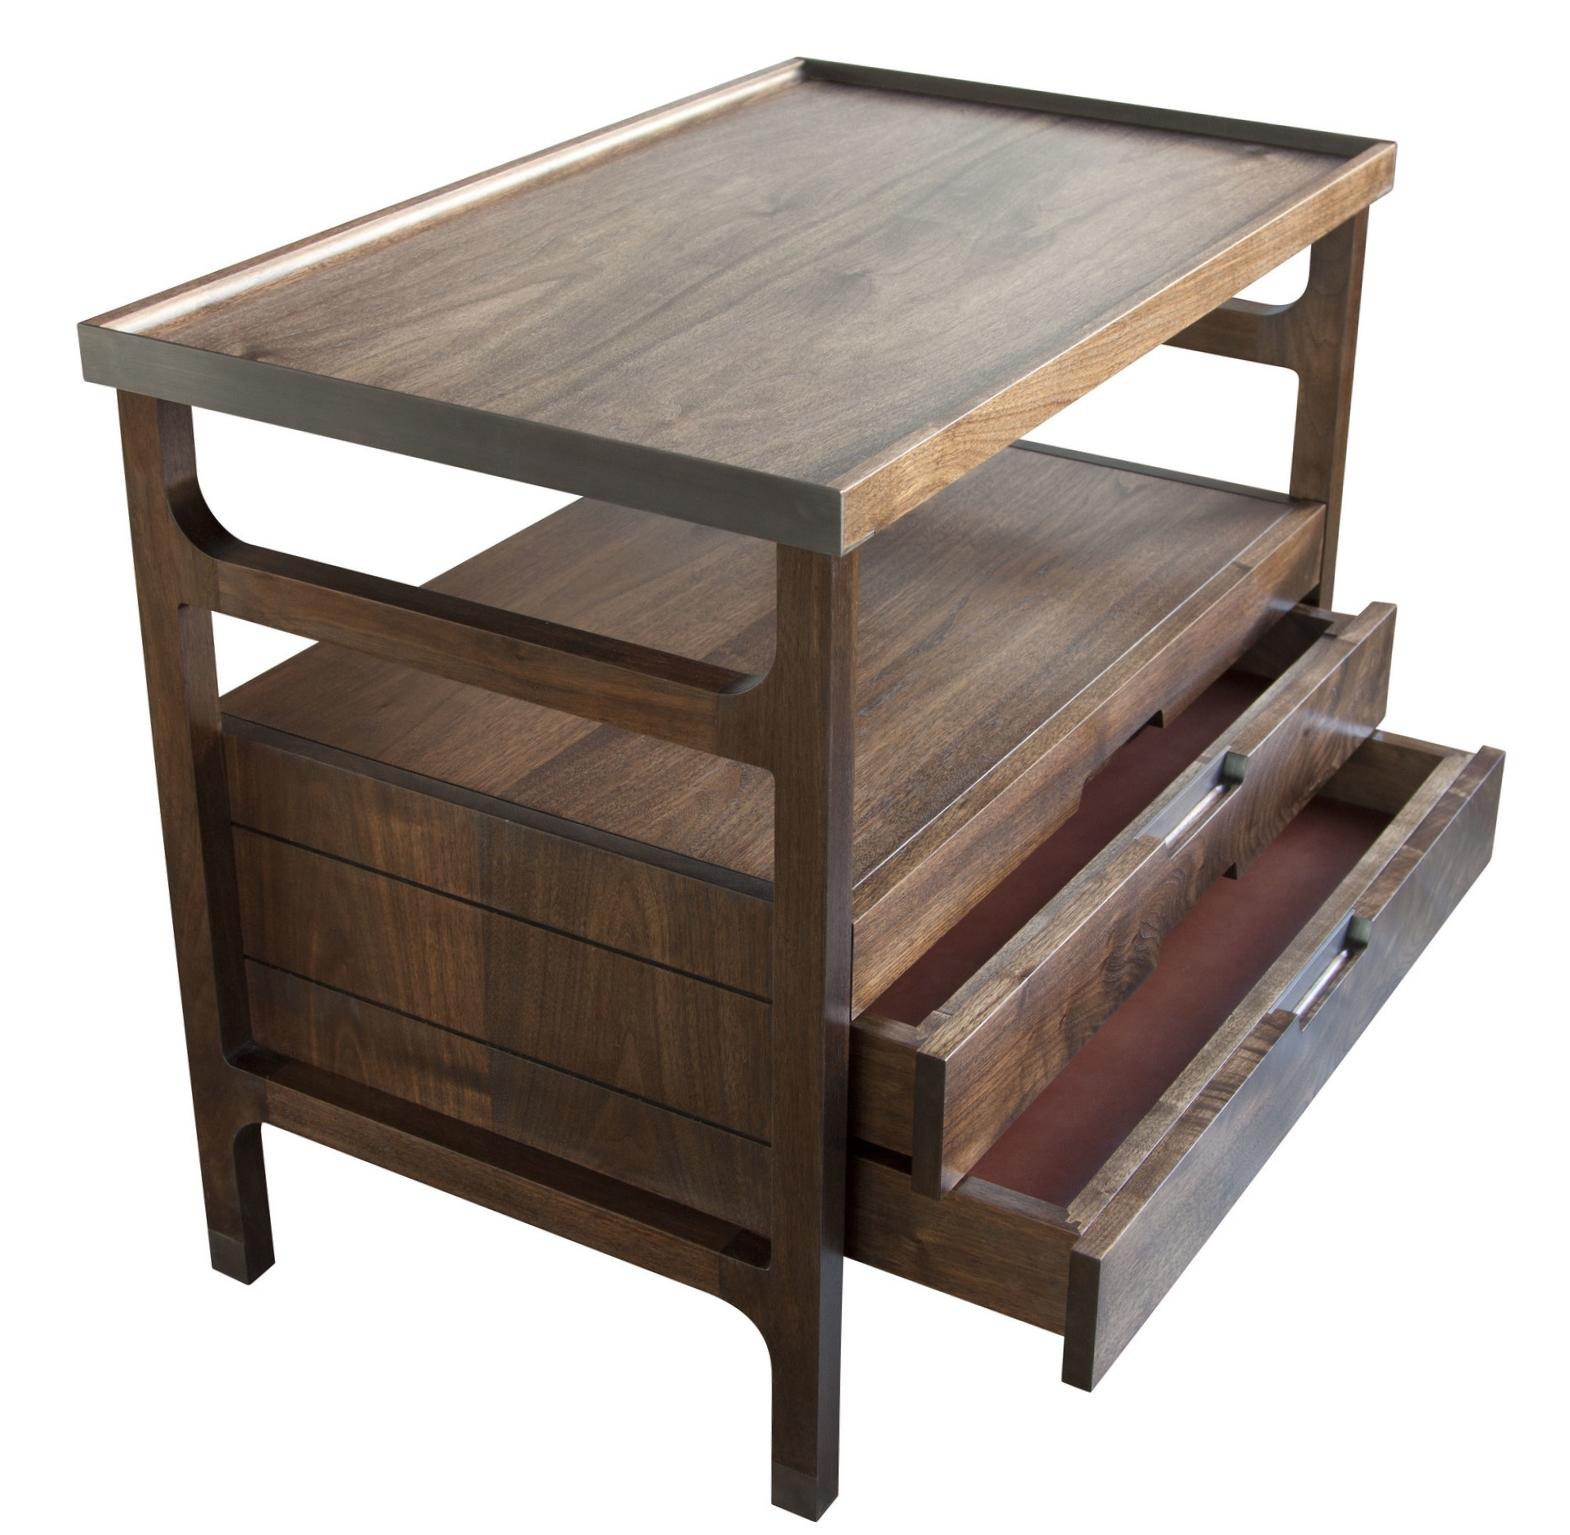 Tiernan Side Table